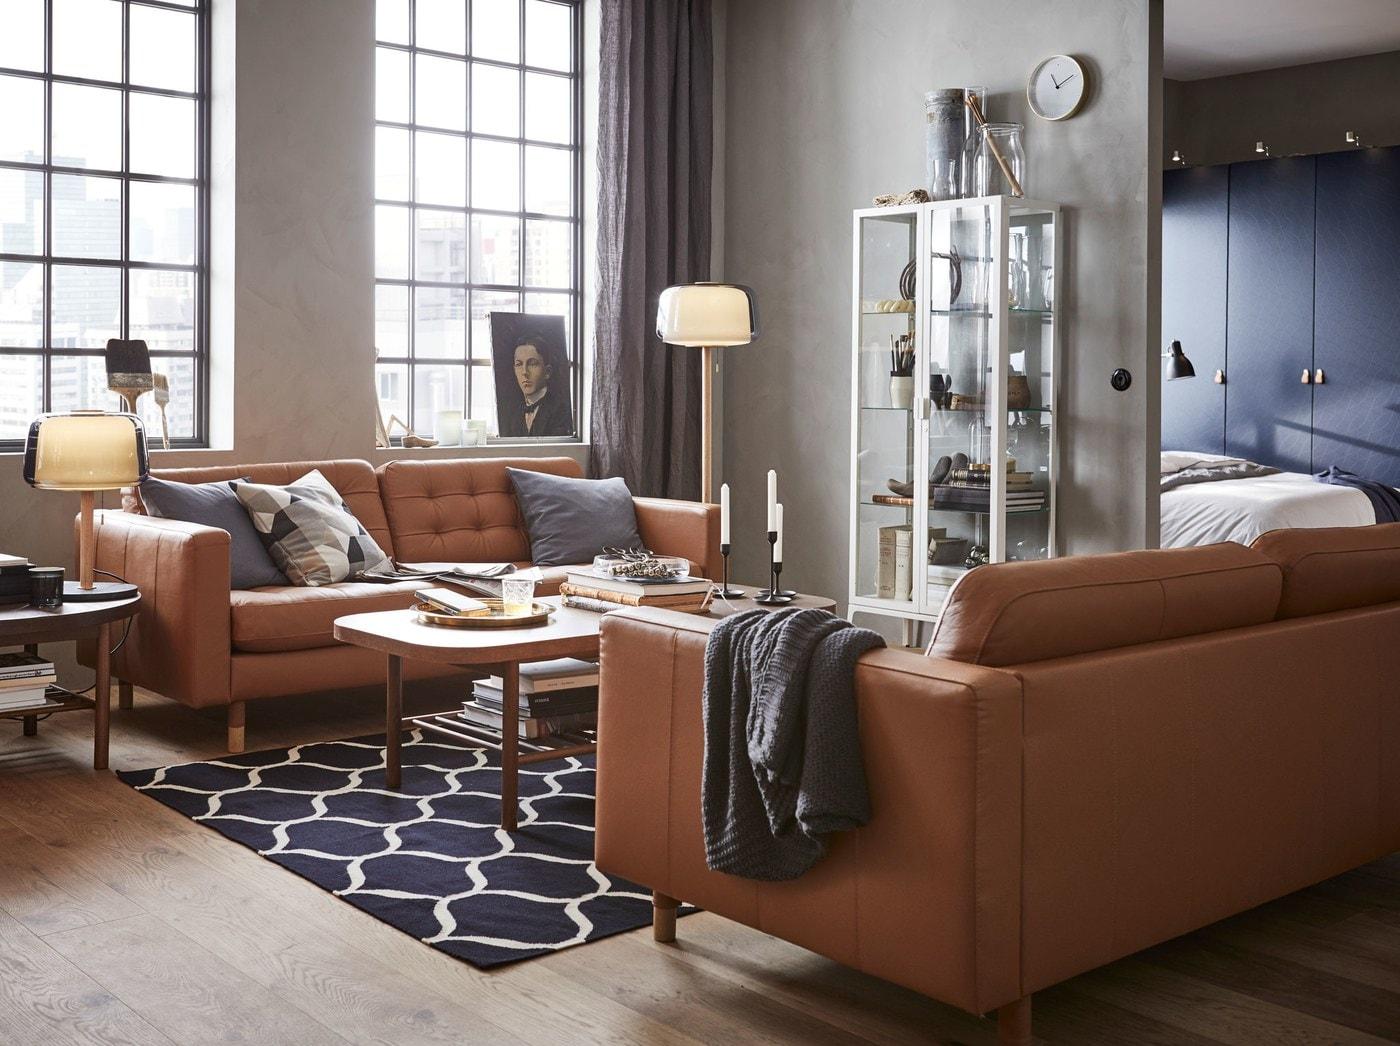 Idee per arredare il soggiorno ikea for Idee per il soggiorno